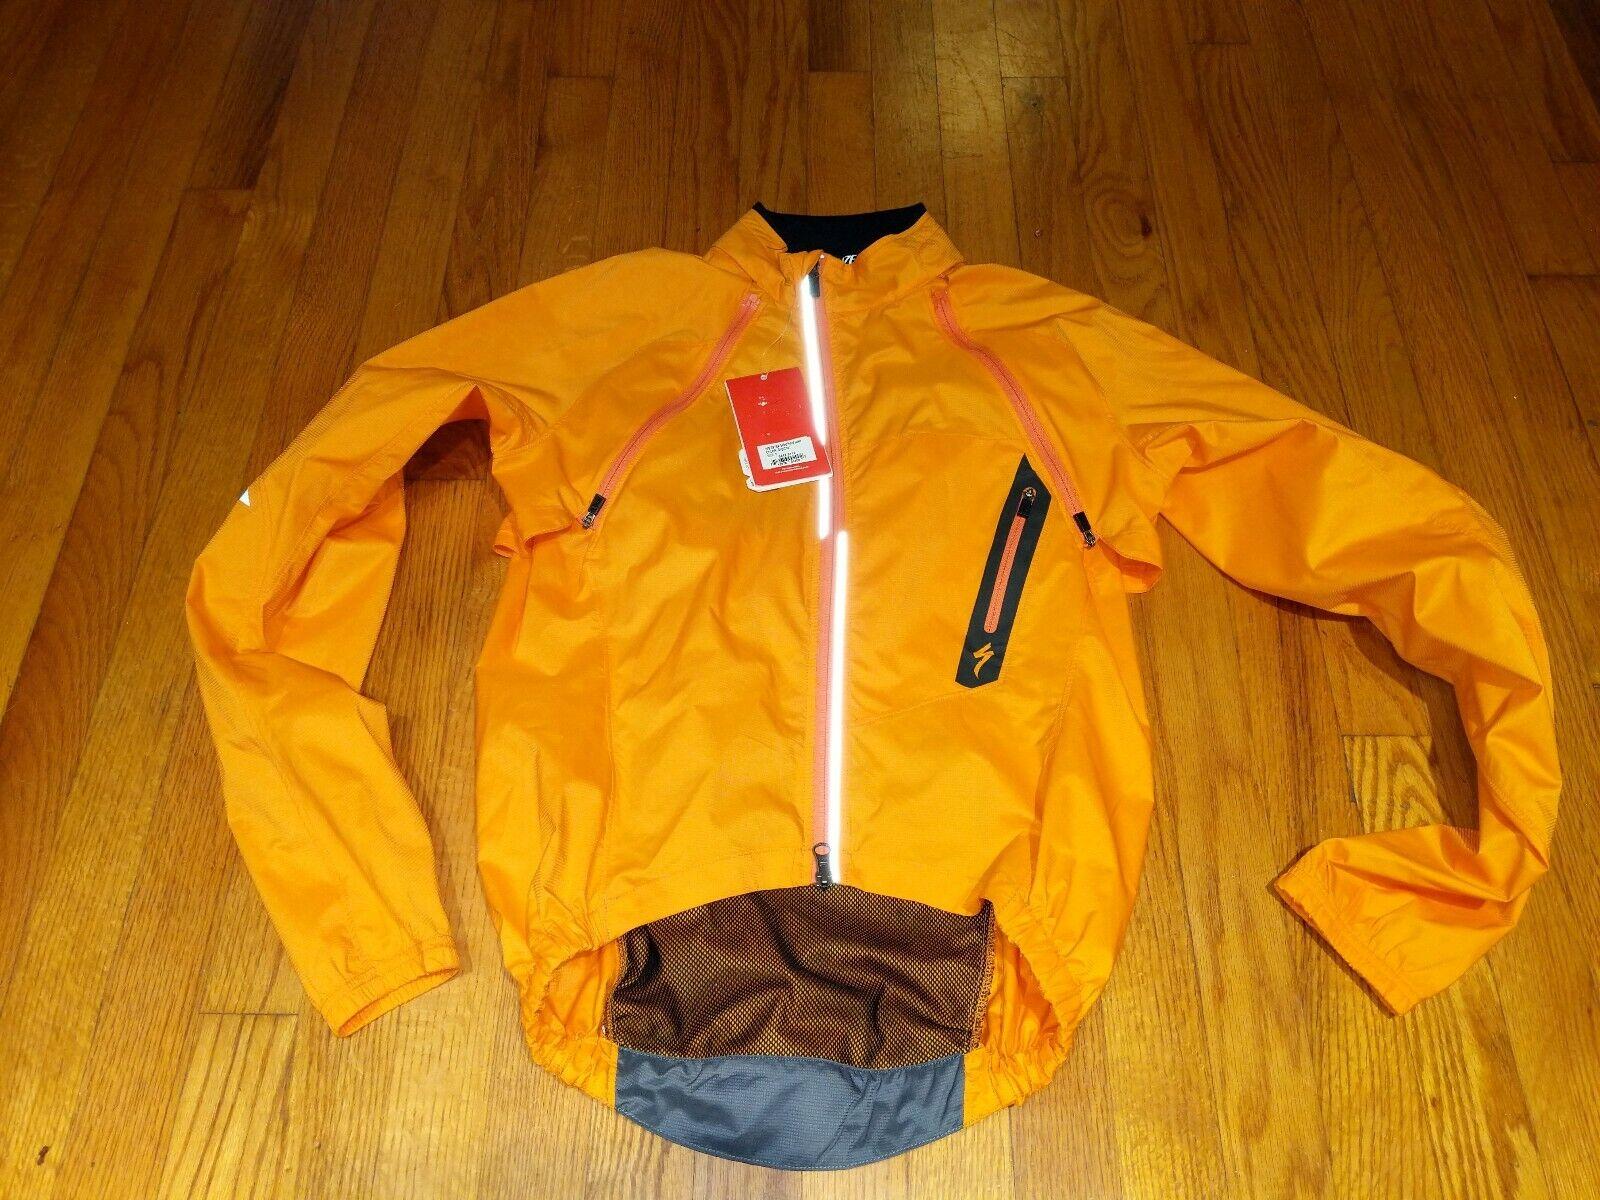 Giacca ibrida specialeeized Deflect NUOVO con etichette, taglia  Smtutti, Coloreeee  Arancione